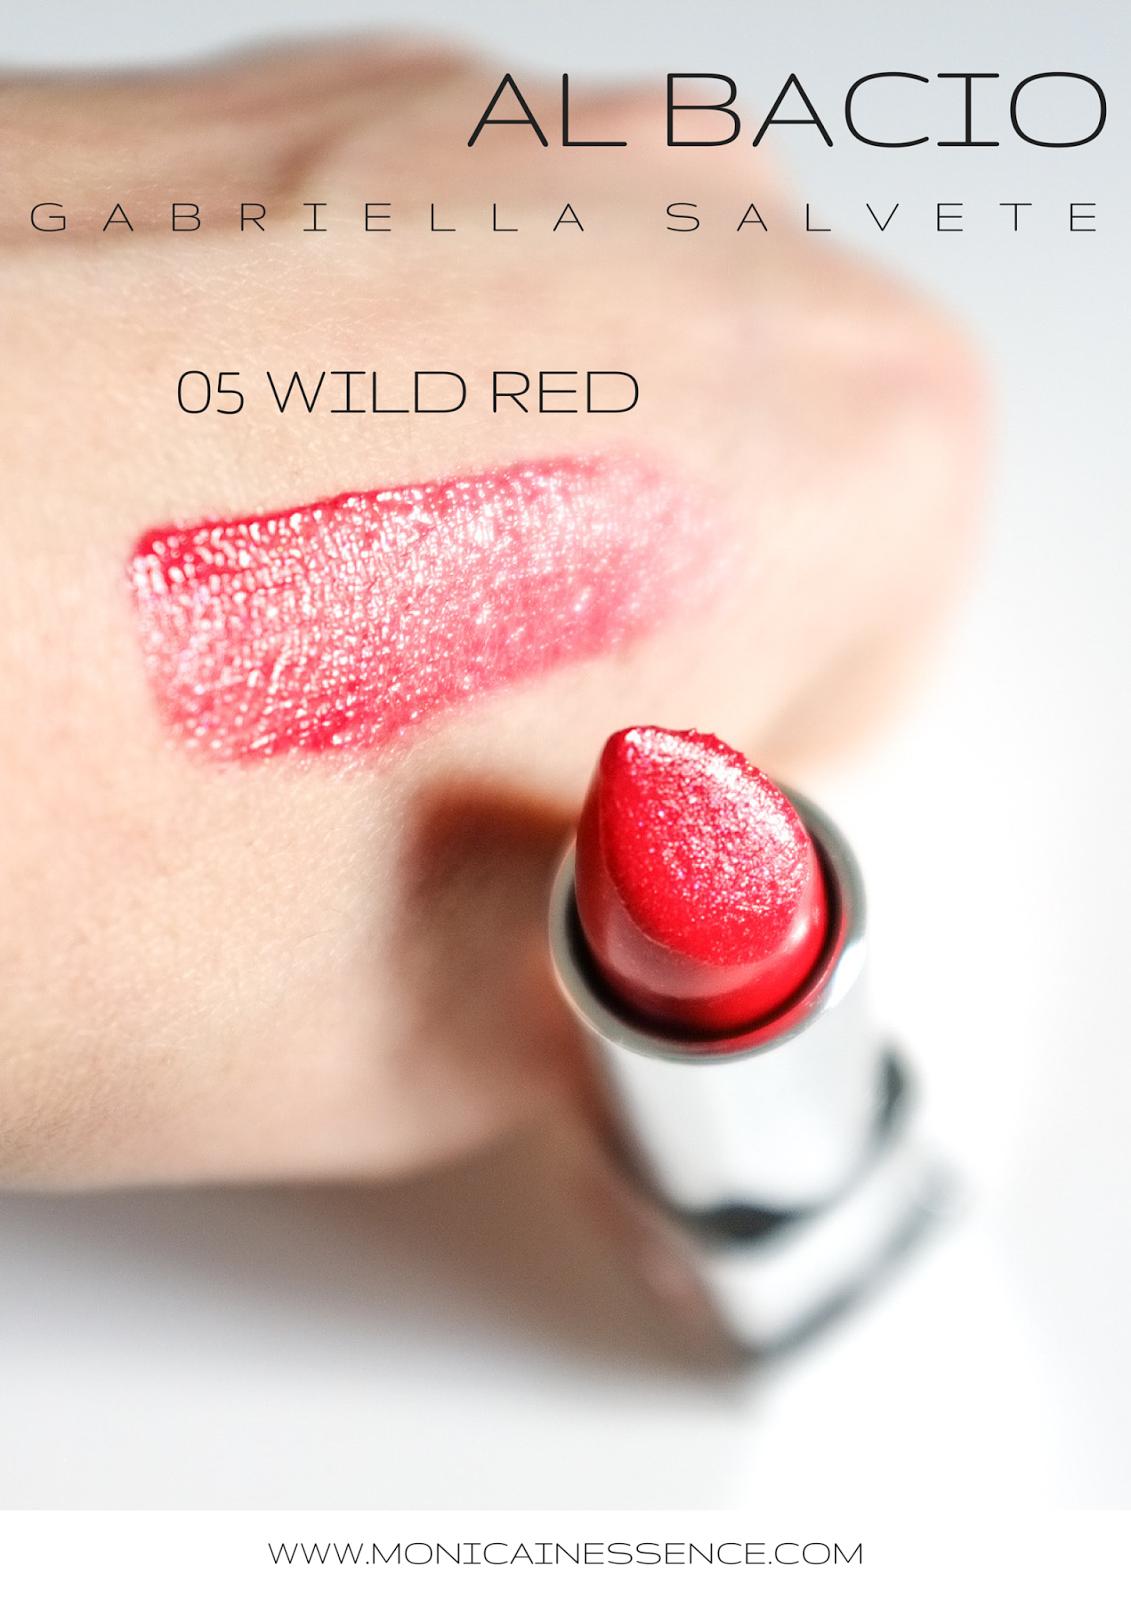 GABRIELLA SALVETE AL BACIO lipstick 05 WILD RED